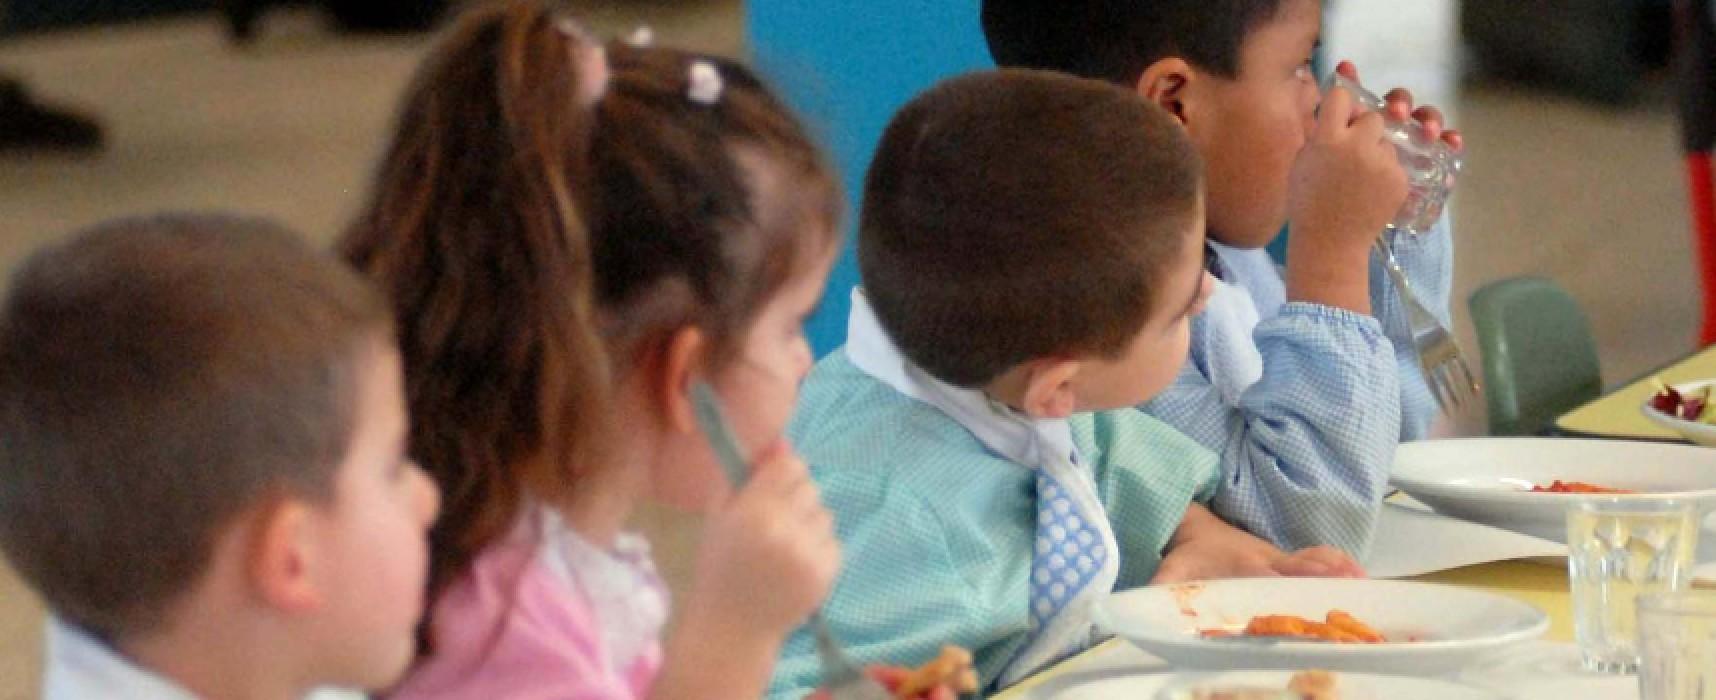 Scuole dell'infanzia, stabilite le tariffe per il servizio di refezione scolastica / DETTAGLI